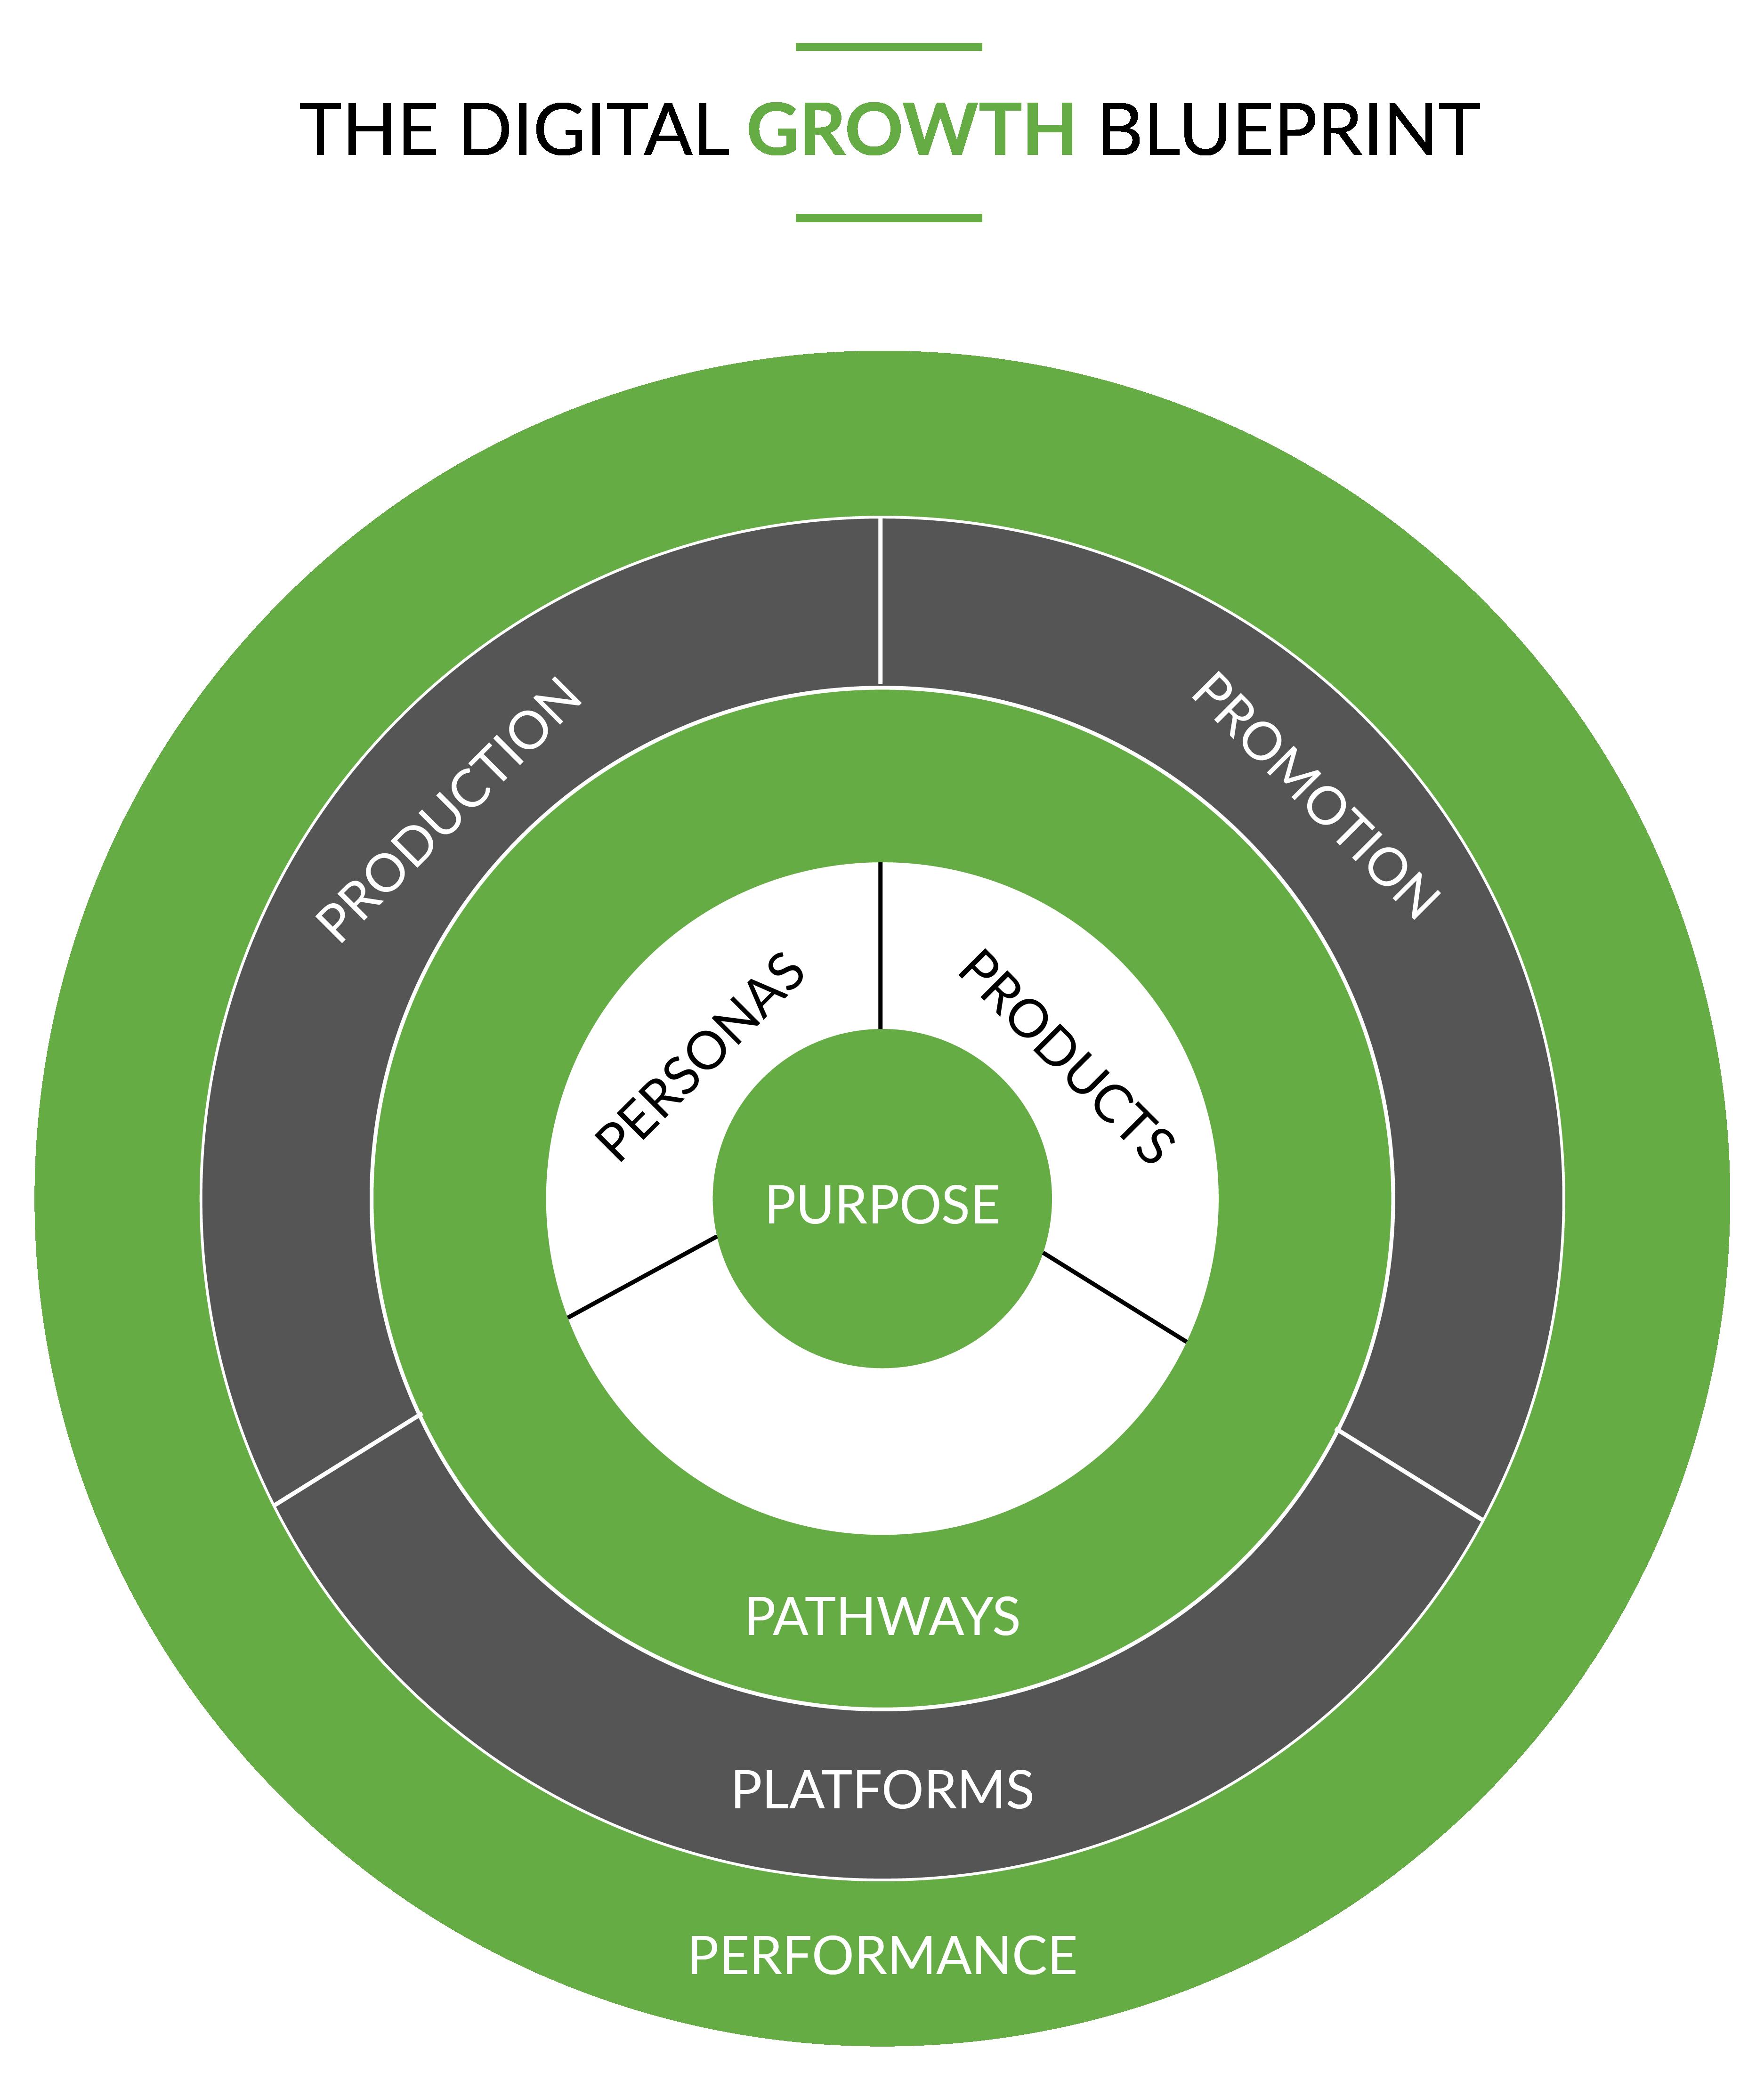 The Digital Growth Blueprint